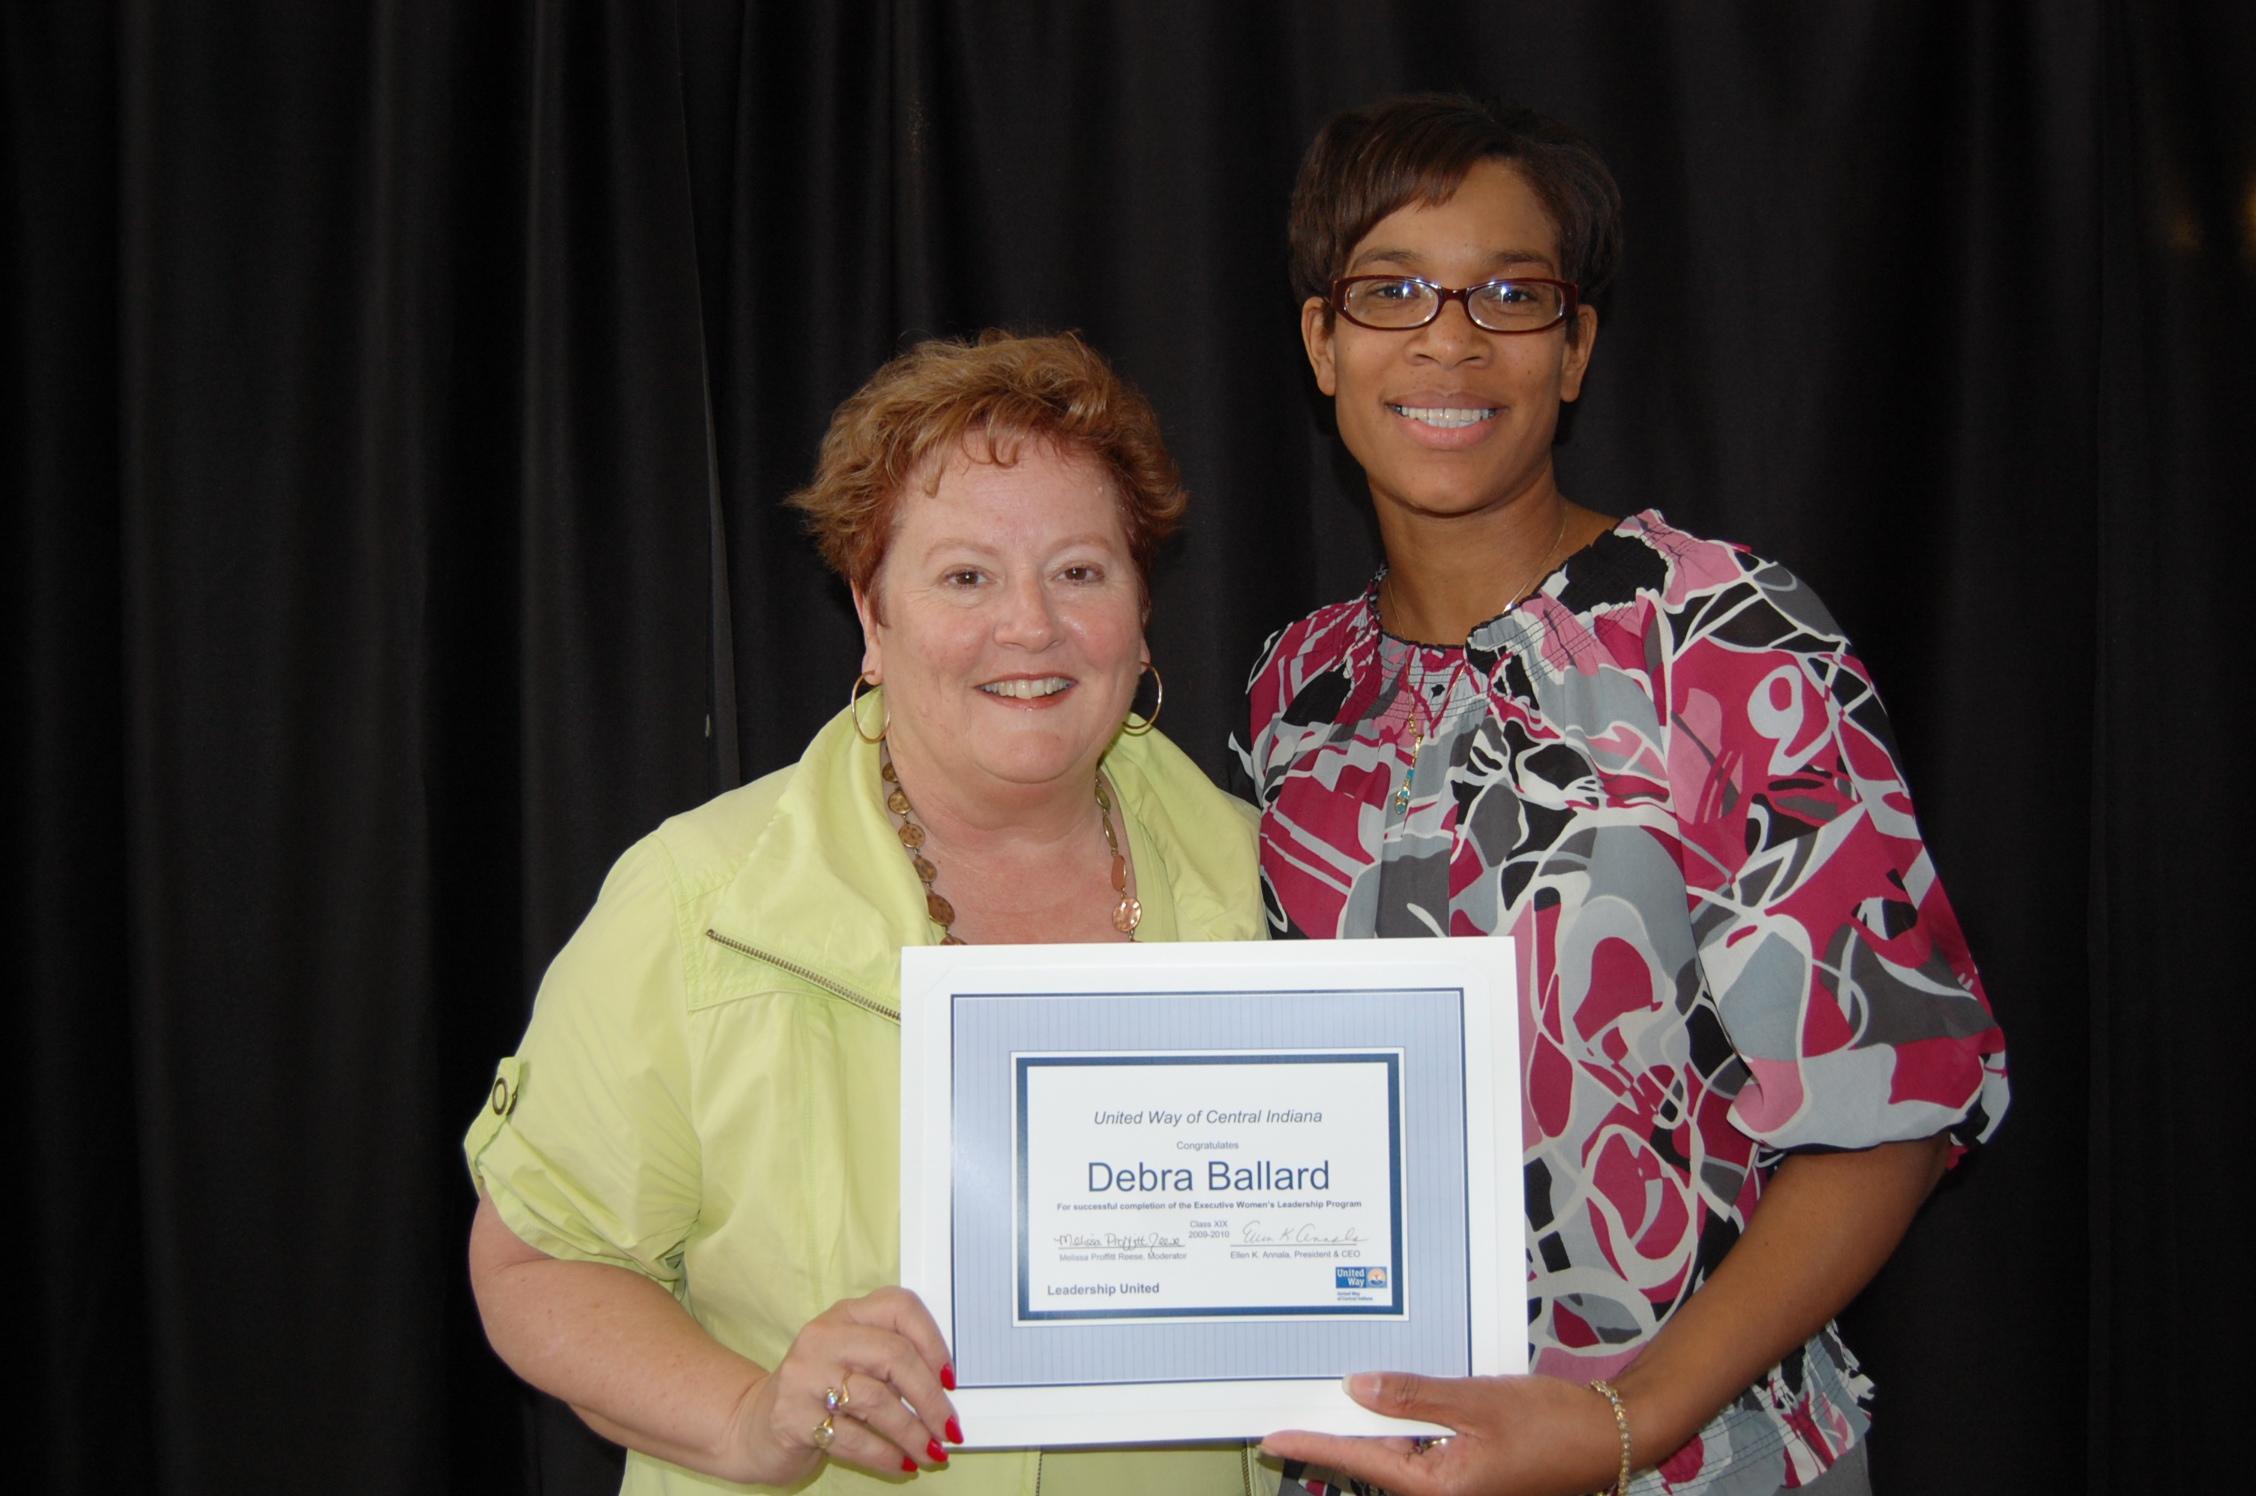 Carolyn Dederer and Debra Ballard